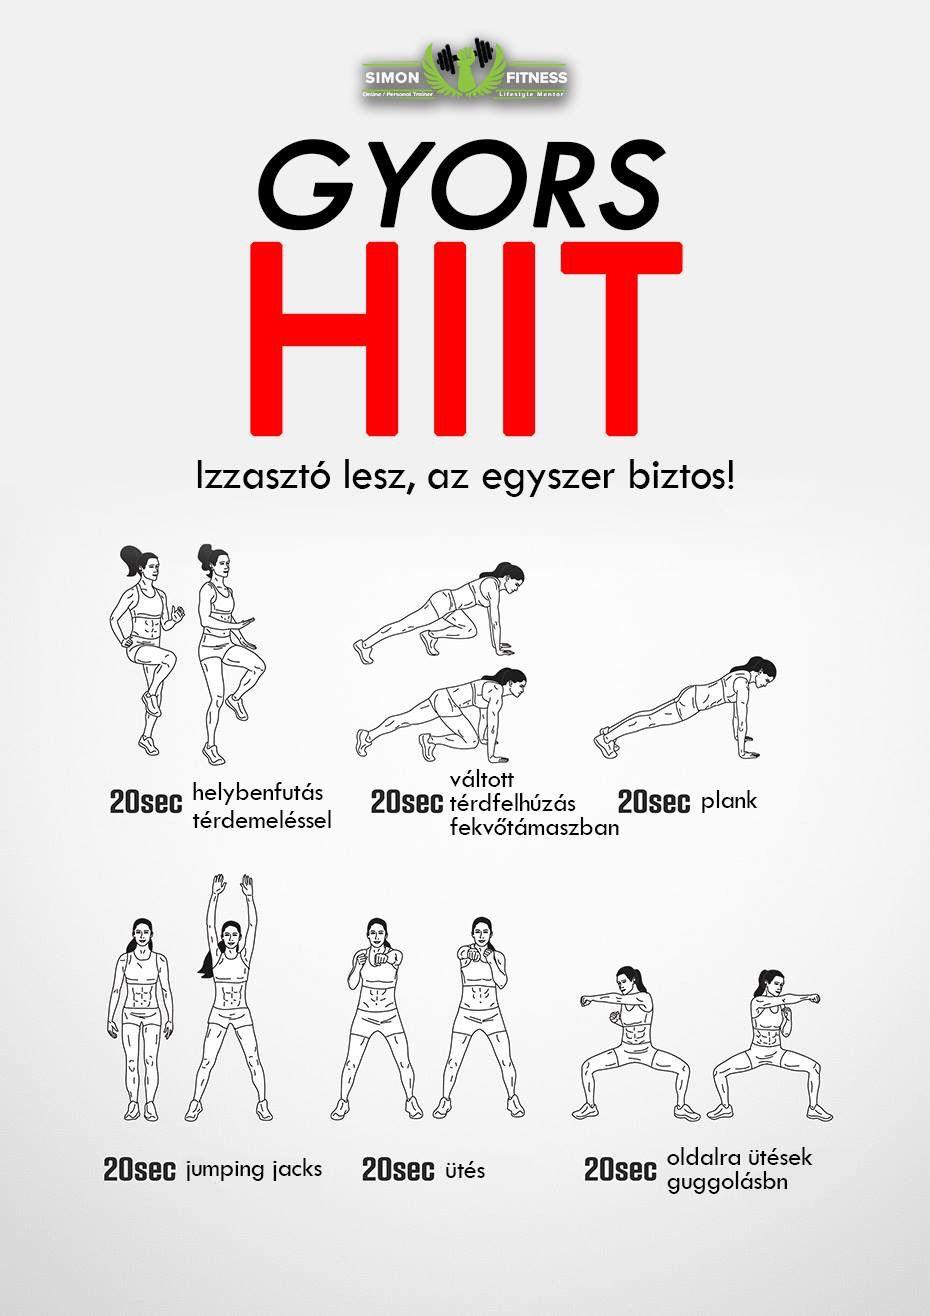 Fogyás vs. zsírvesztés | HIIT edzés